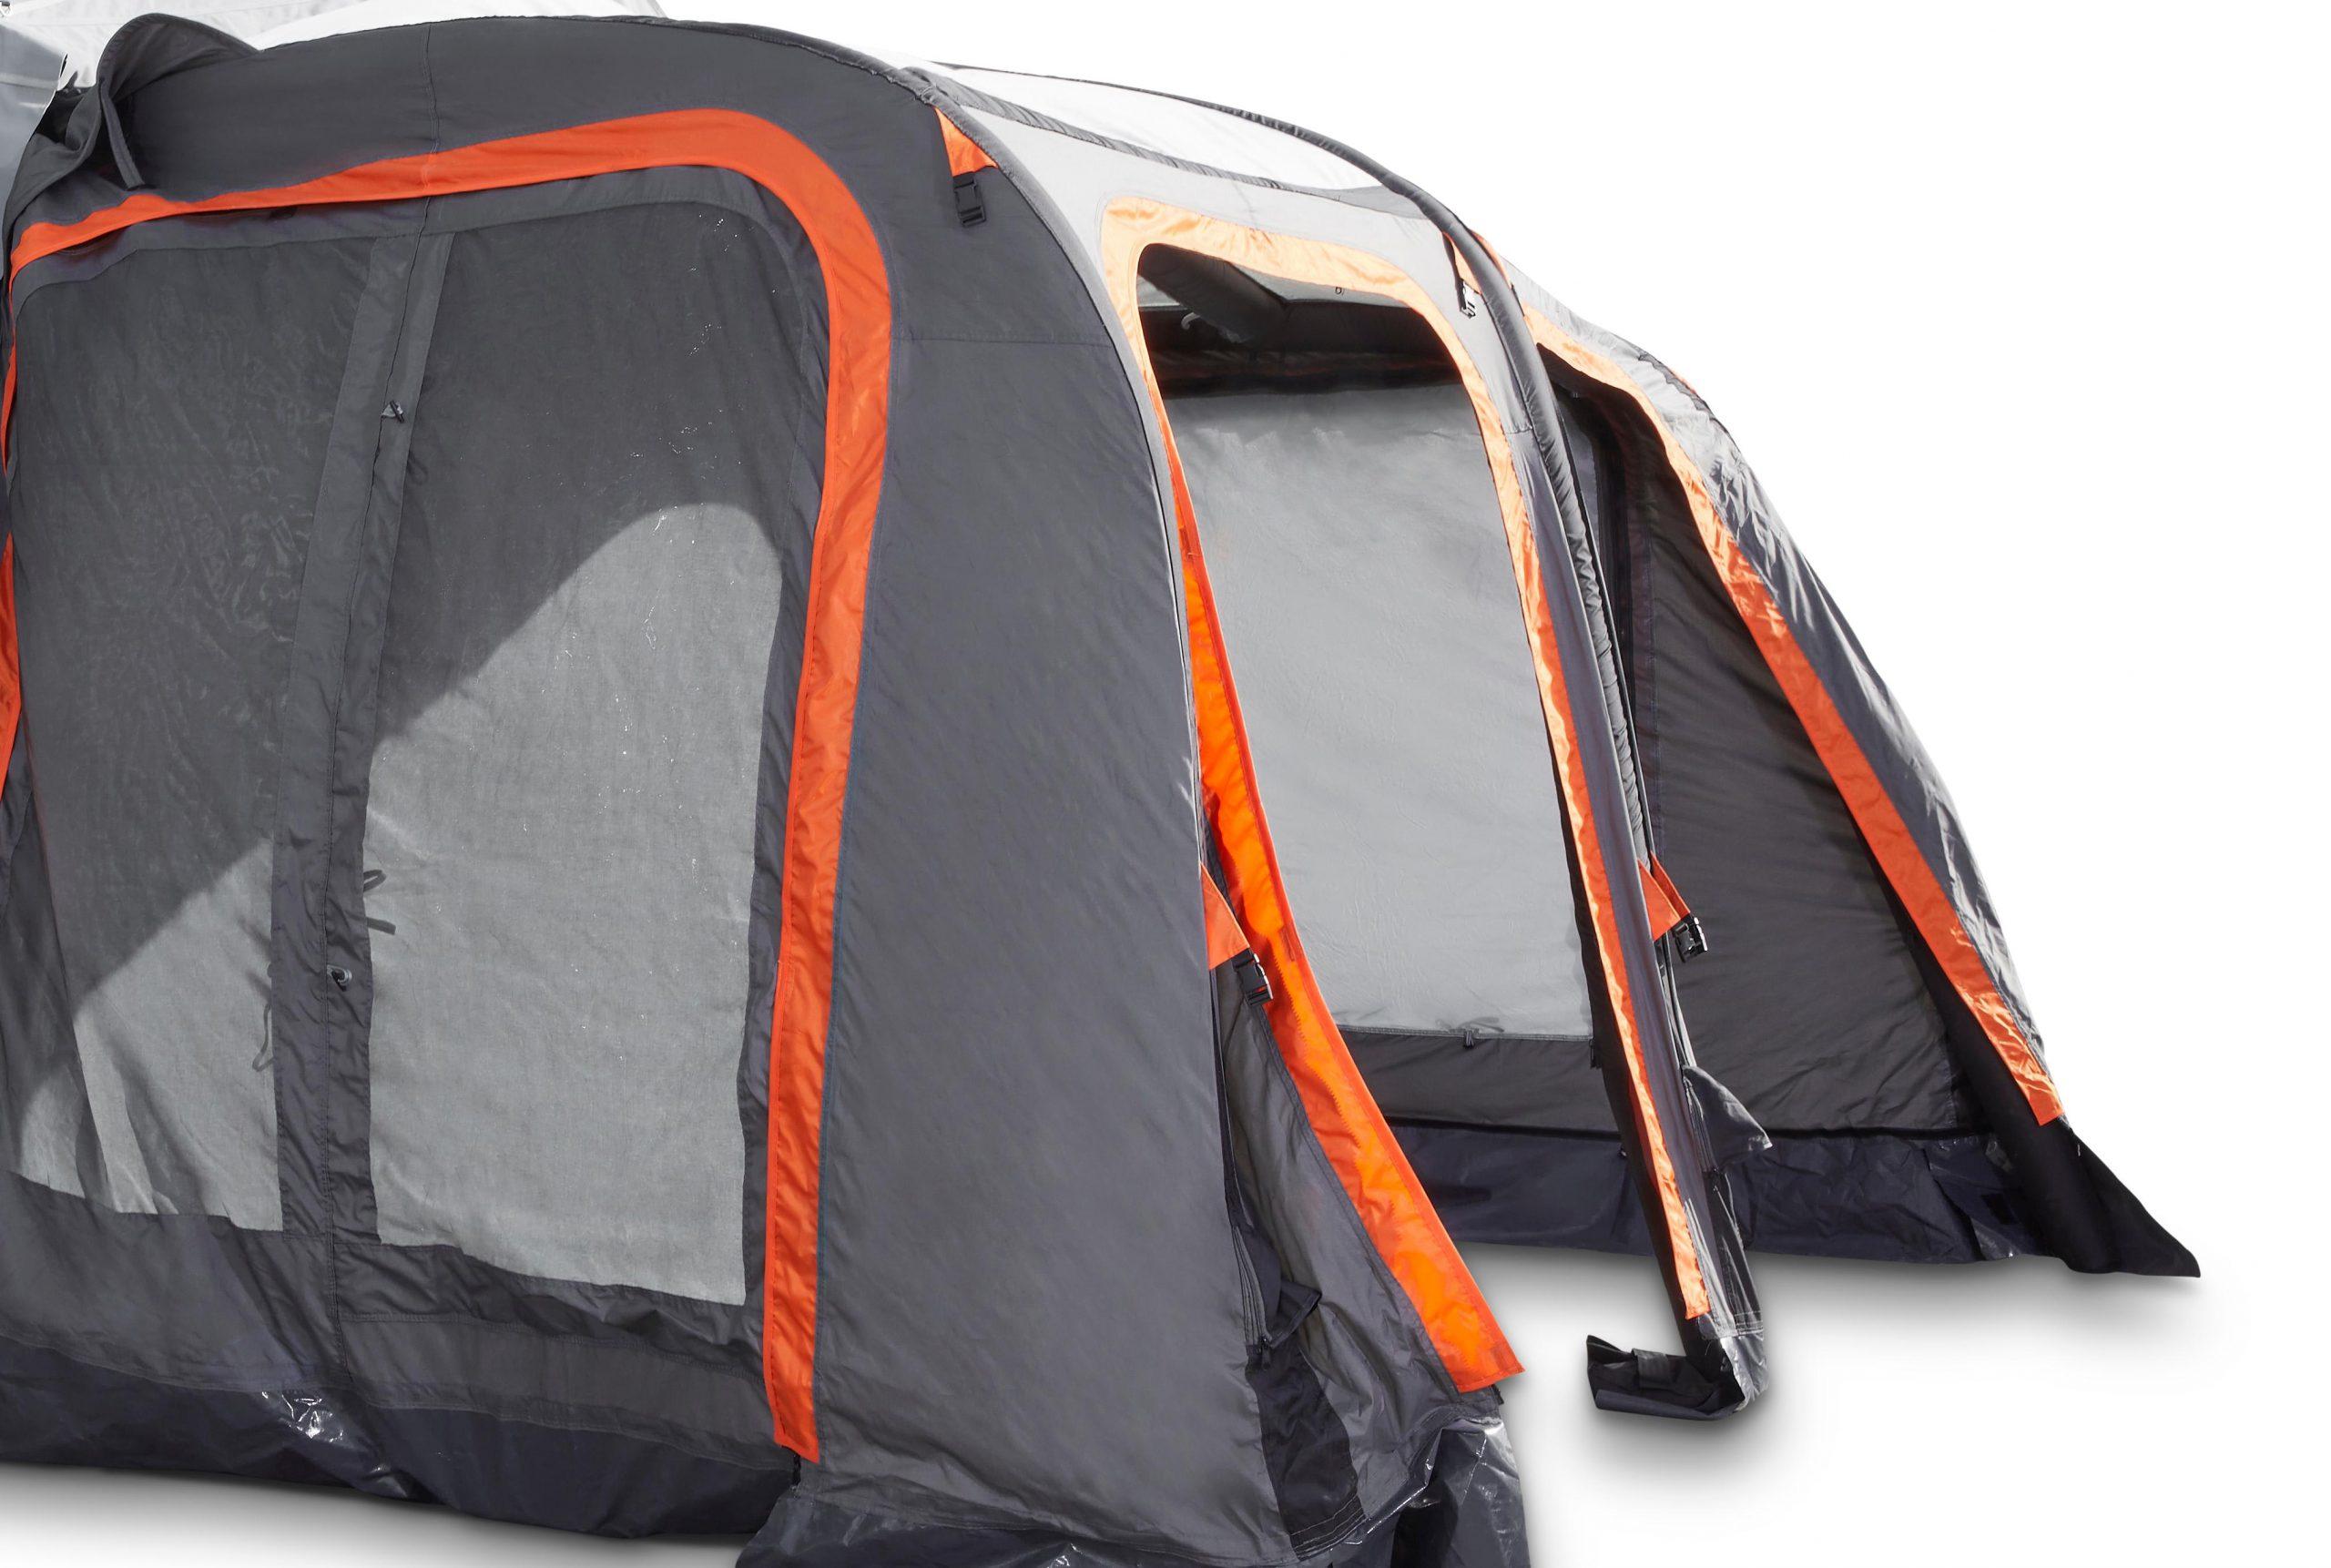 3 24 scaled - Camper Trailers